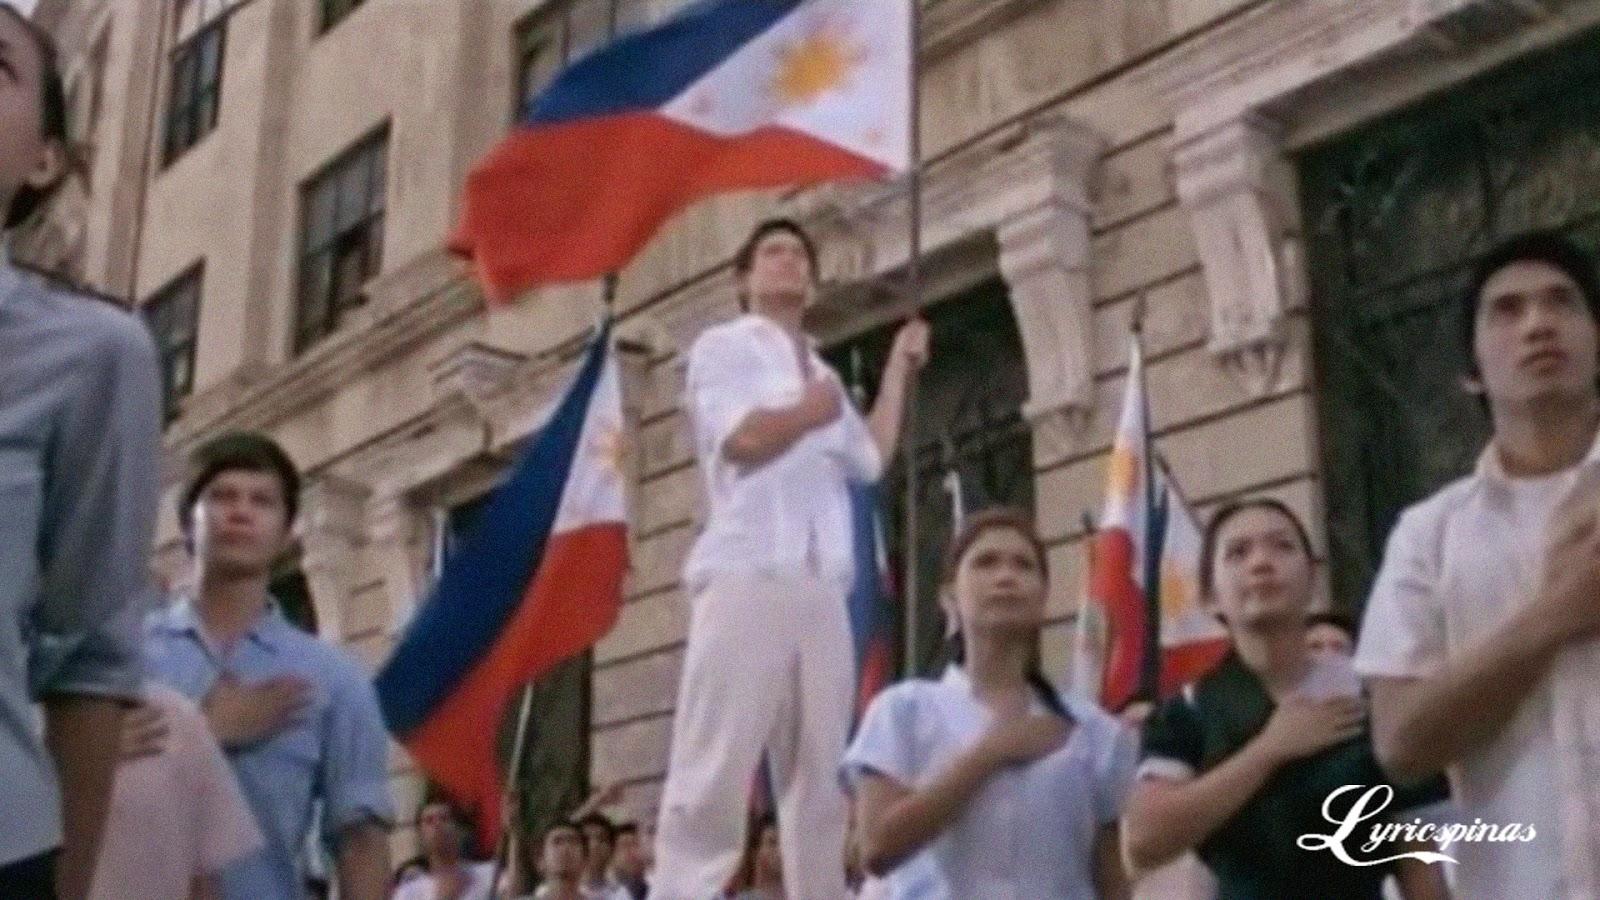 Lupang Hinirang Bayang Magiliw The Philippines National Anthem